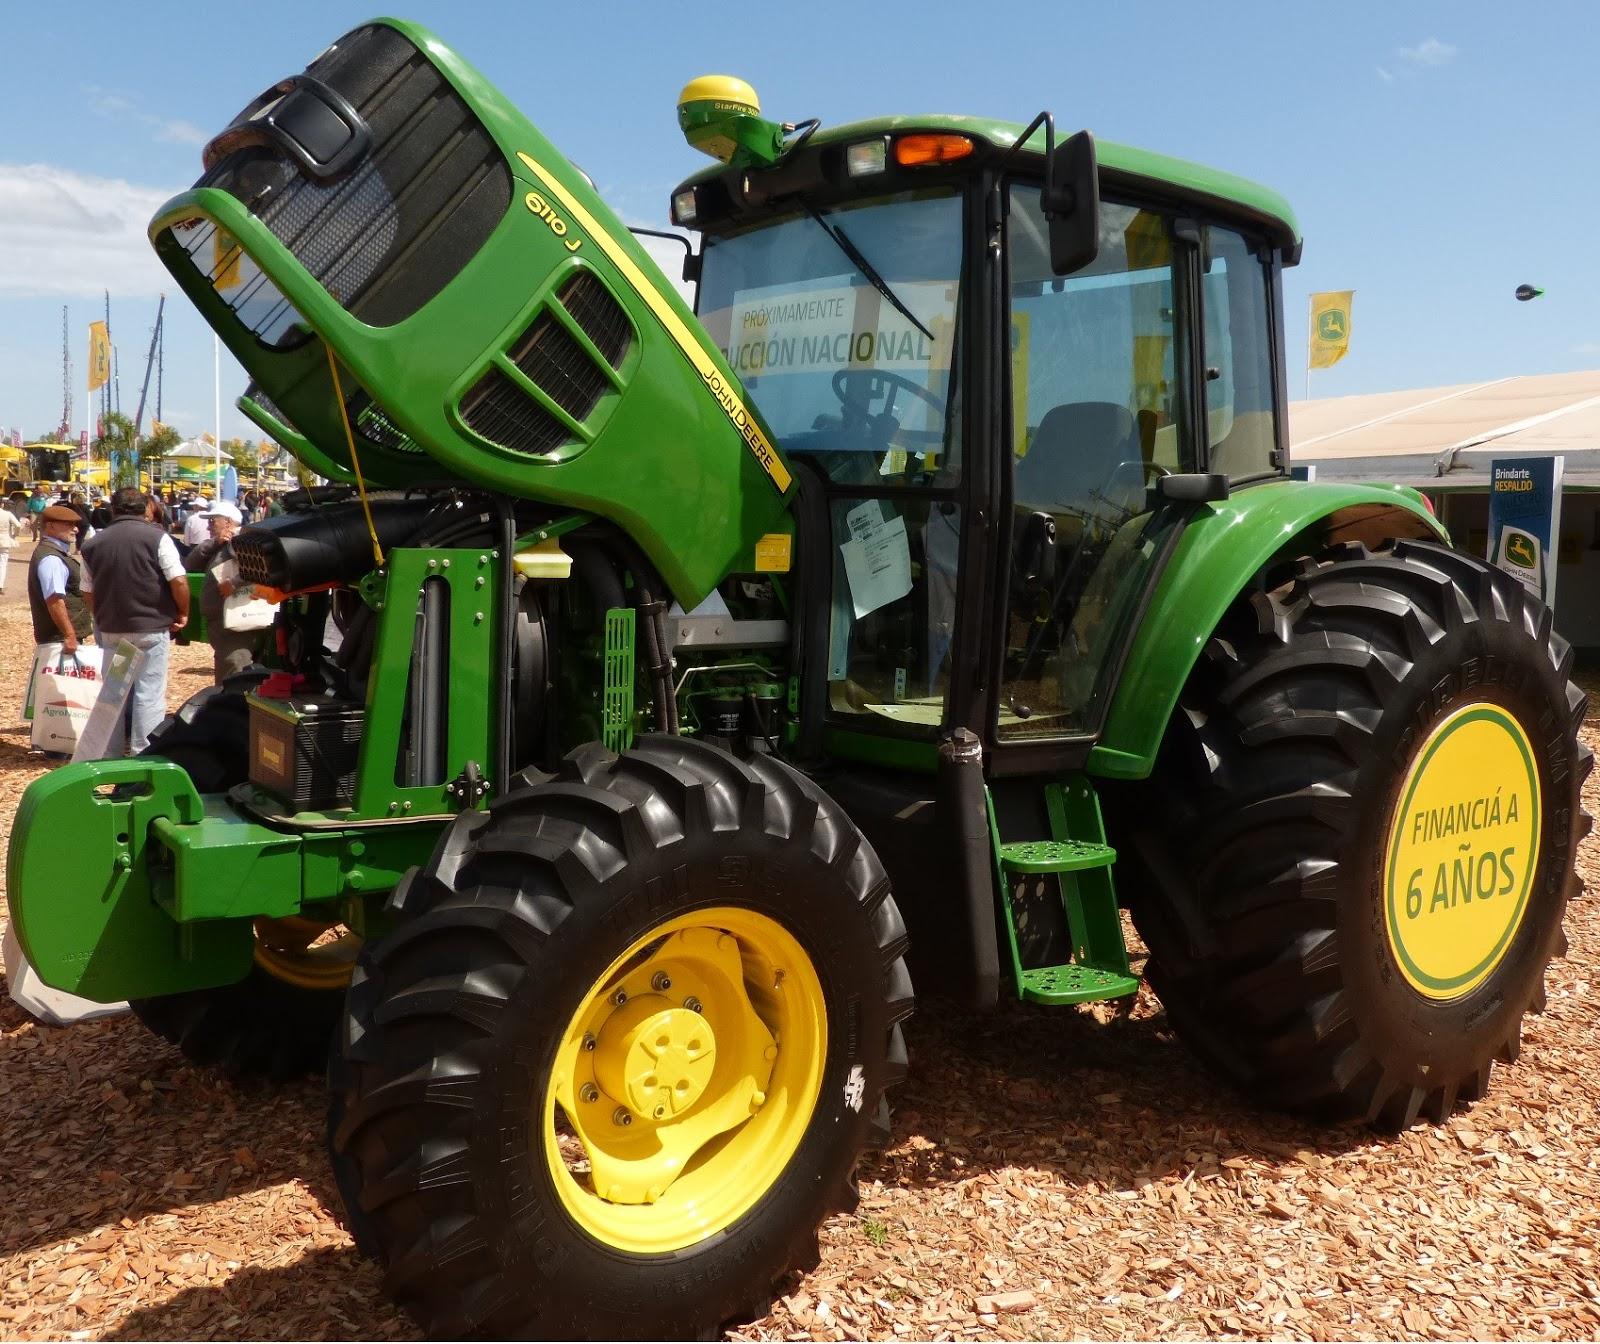 Lujoso Páginas Para Colorear Tractor John Deere Imagen - Dibujos ...